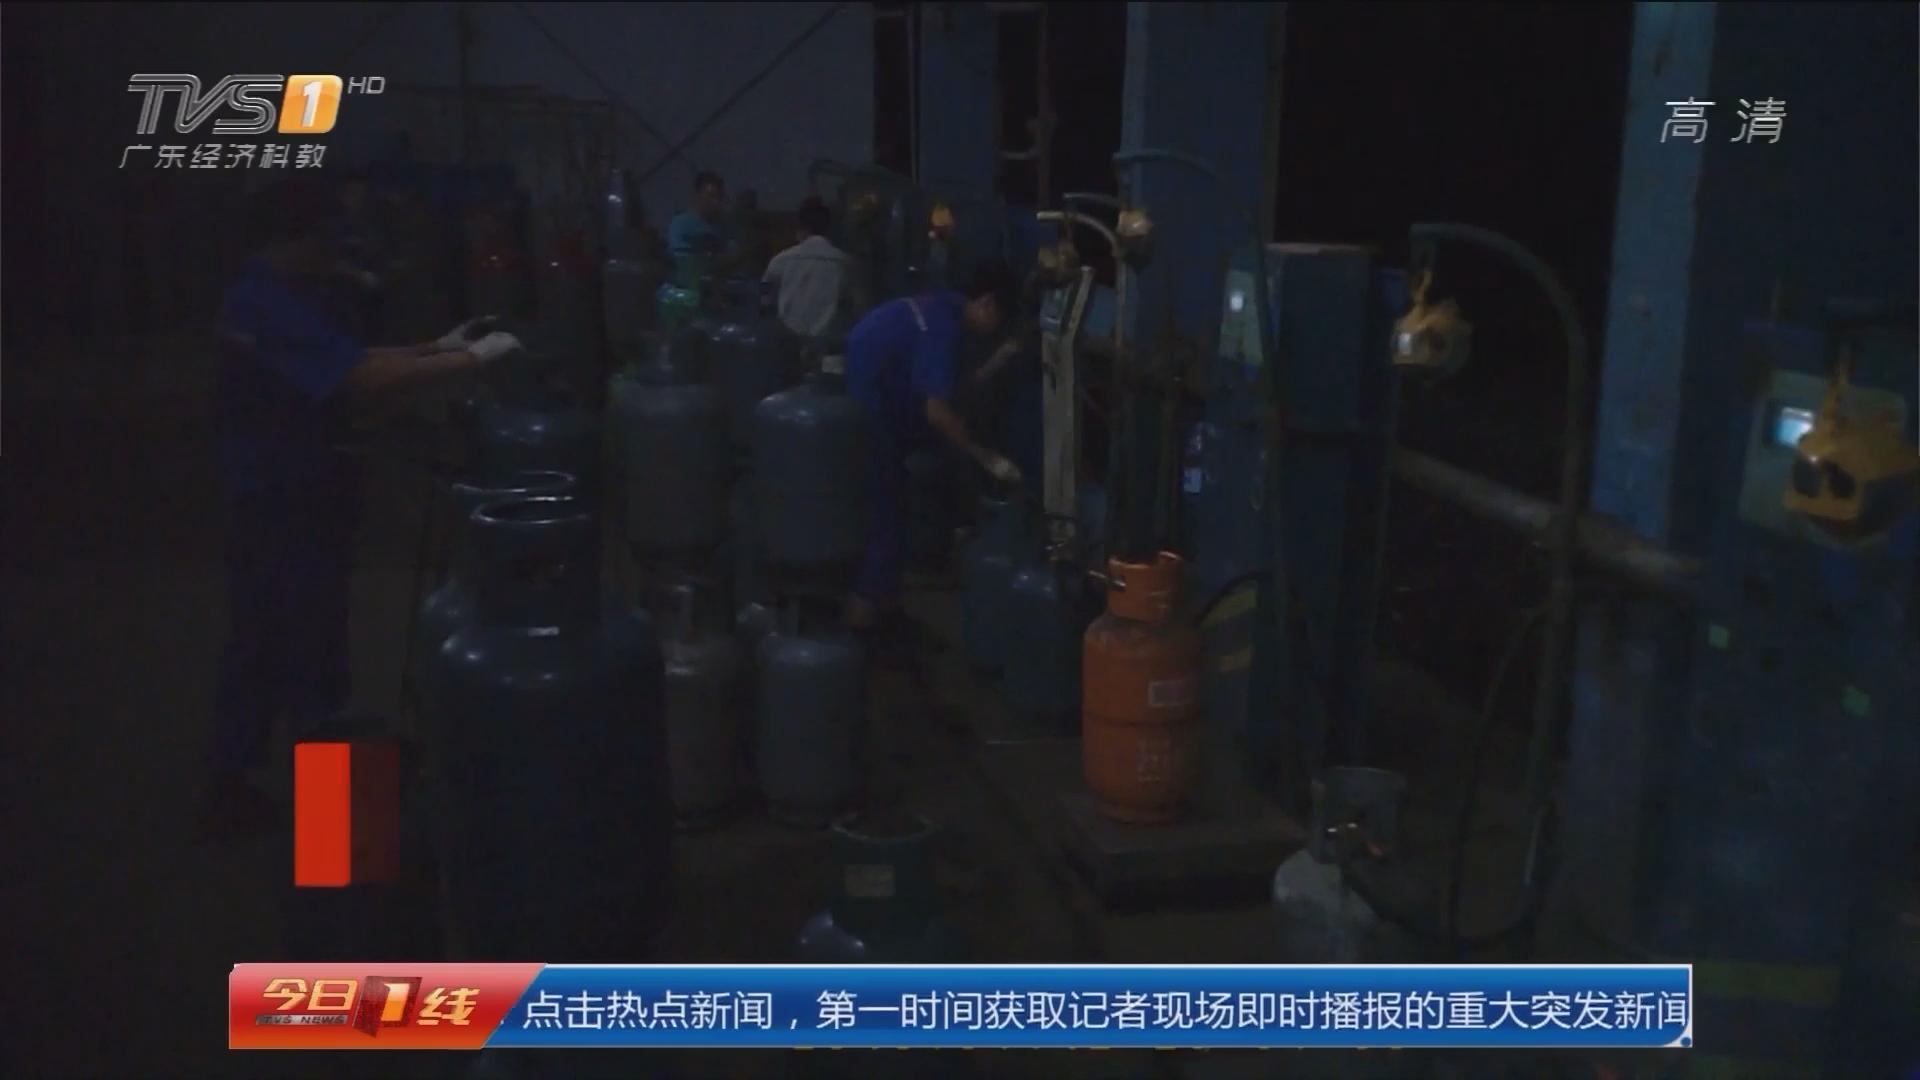 一线独家调查:东莞瓶装液化气行业乱象 正规气站 大肆充装过期报废瓶